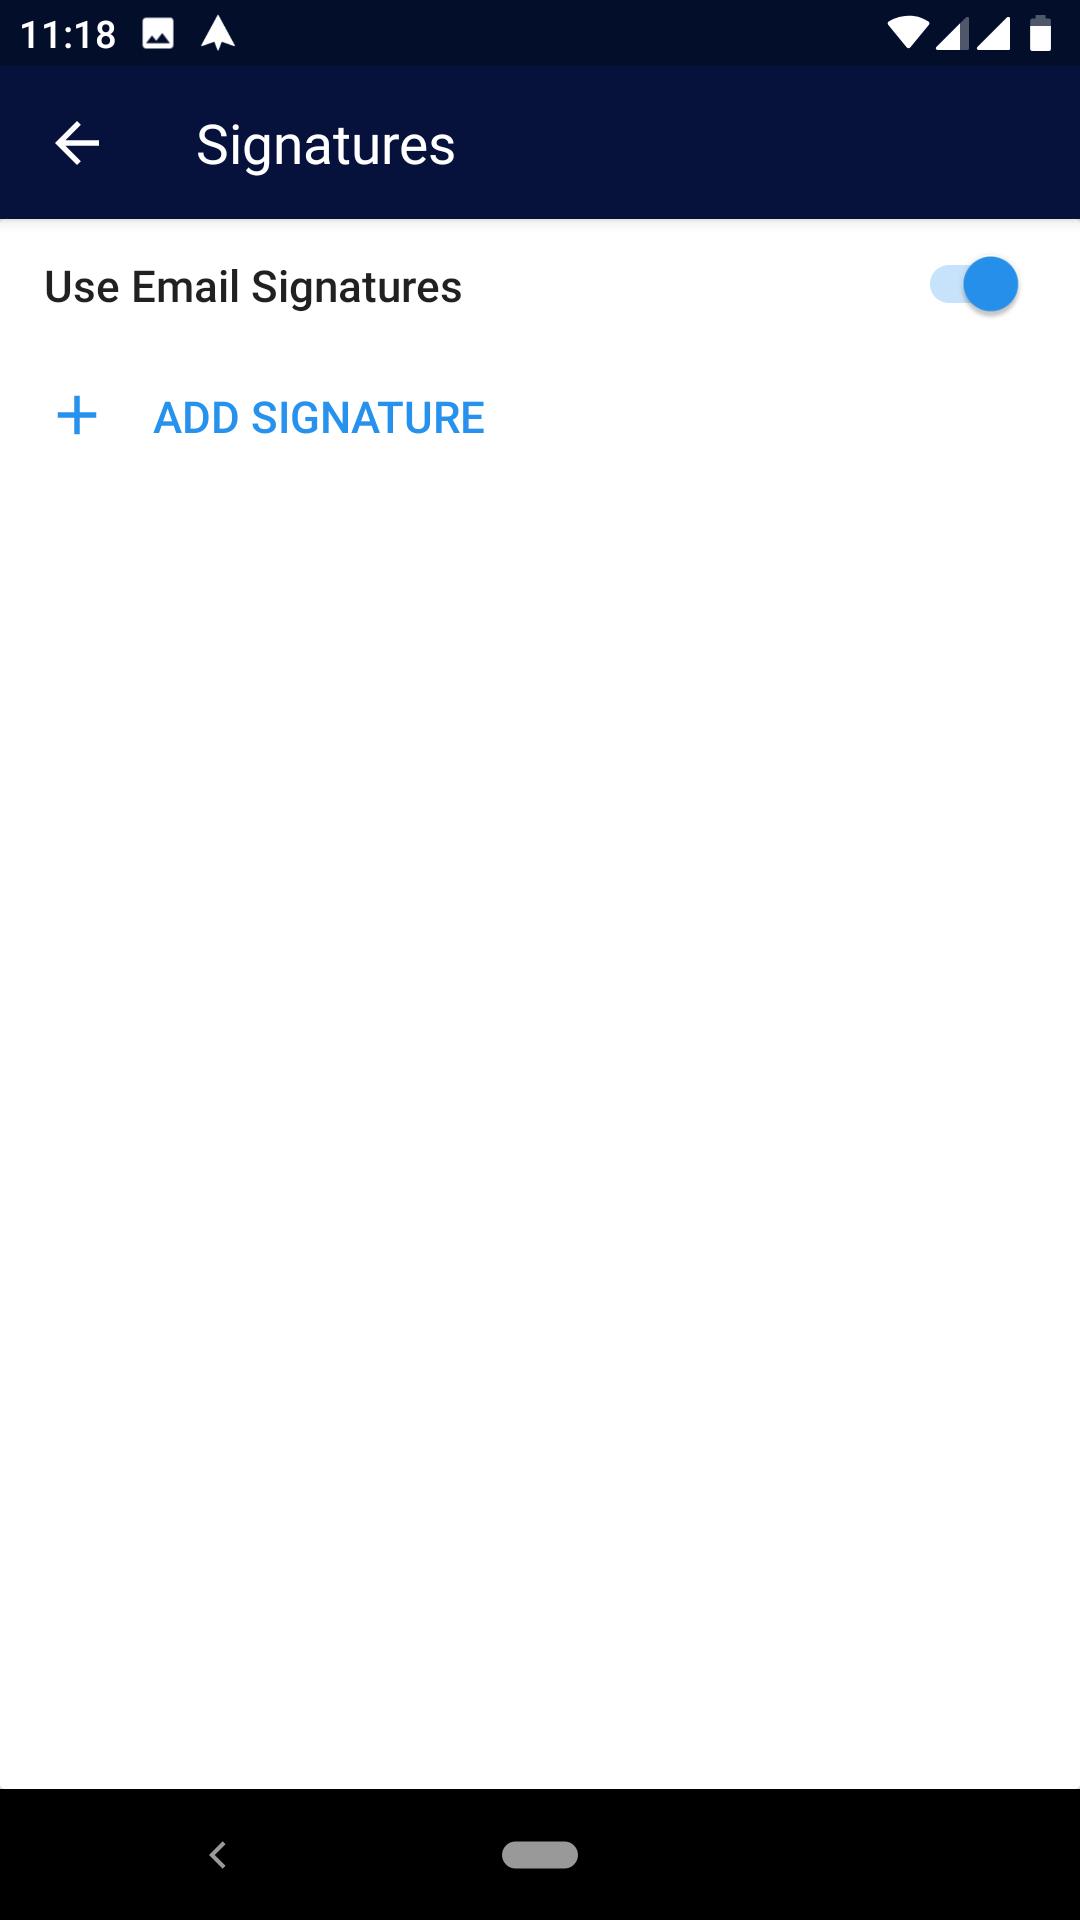 Spark для Android: достойная замена Google Inbox?27